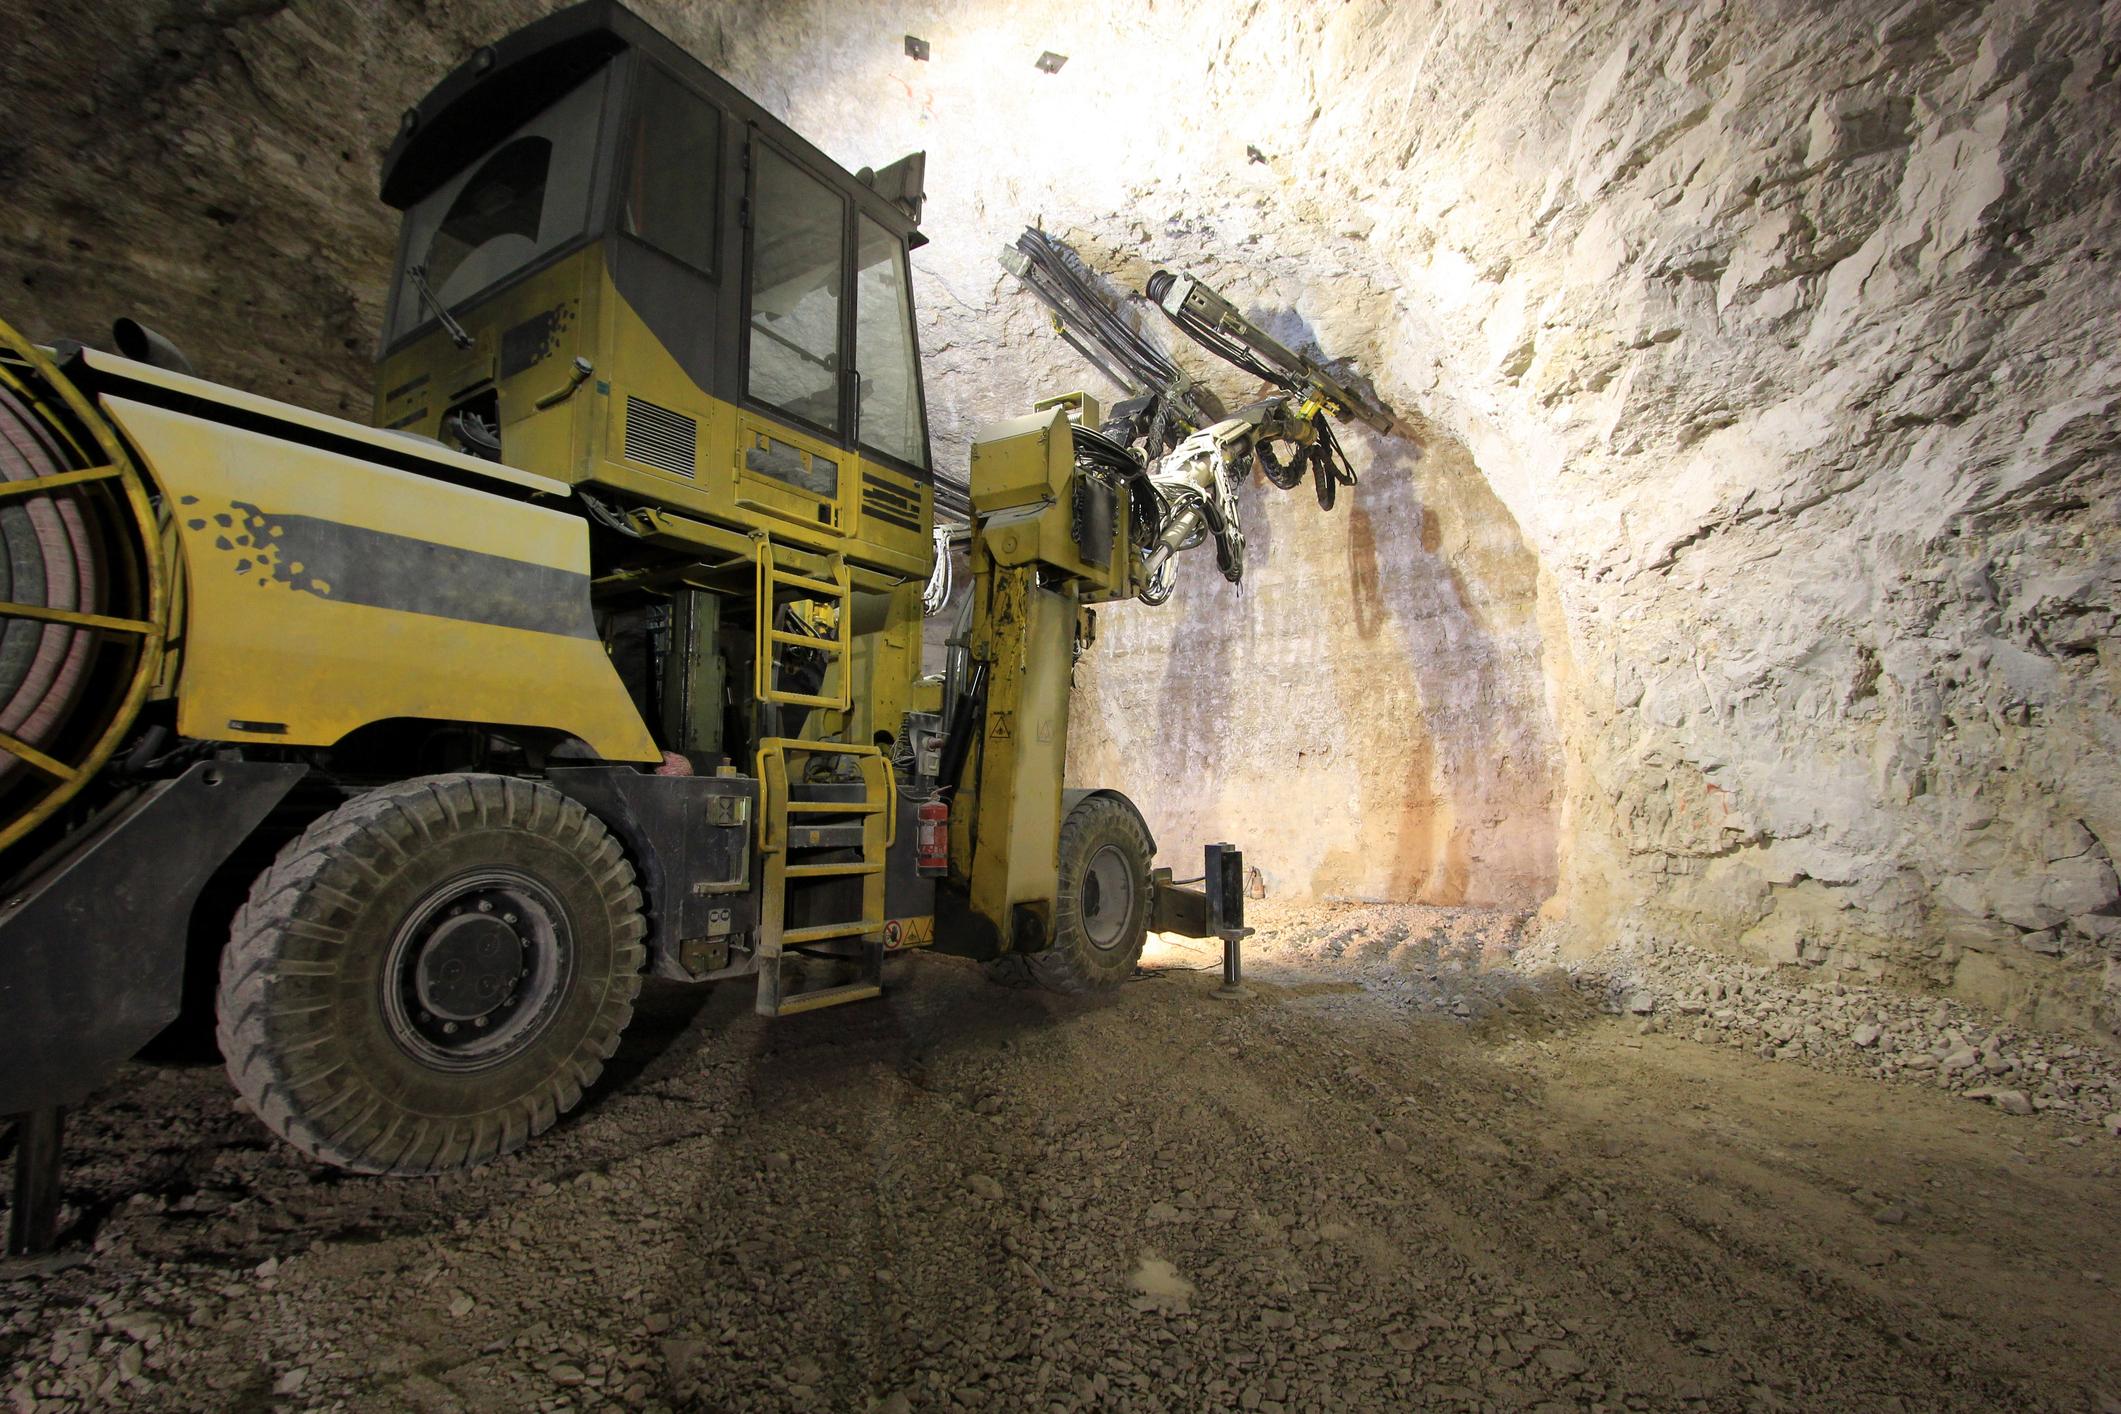 An underground excavator in a gold mine.